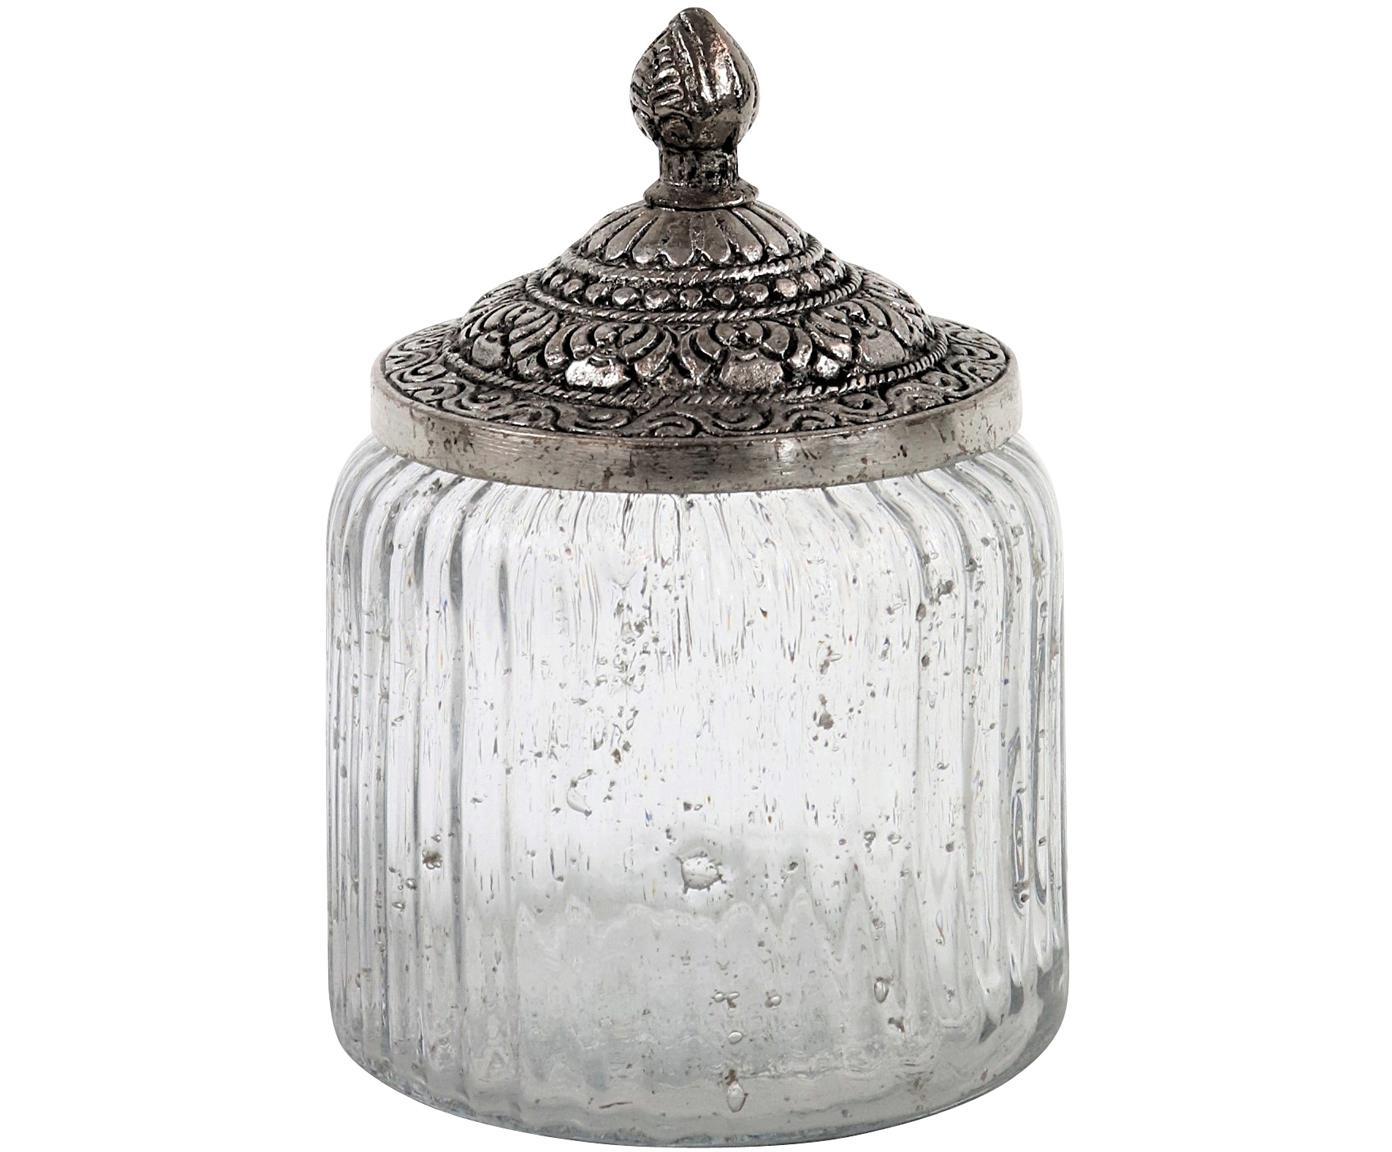 Aufbewahrungsdose Alhambra , Dose: Glas, Deckel: Metall, Transparent, Silberfarben, Ø 10 x H 15 cm